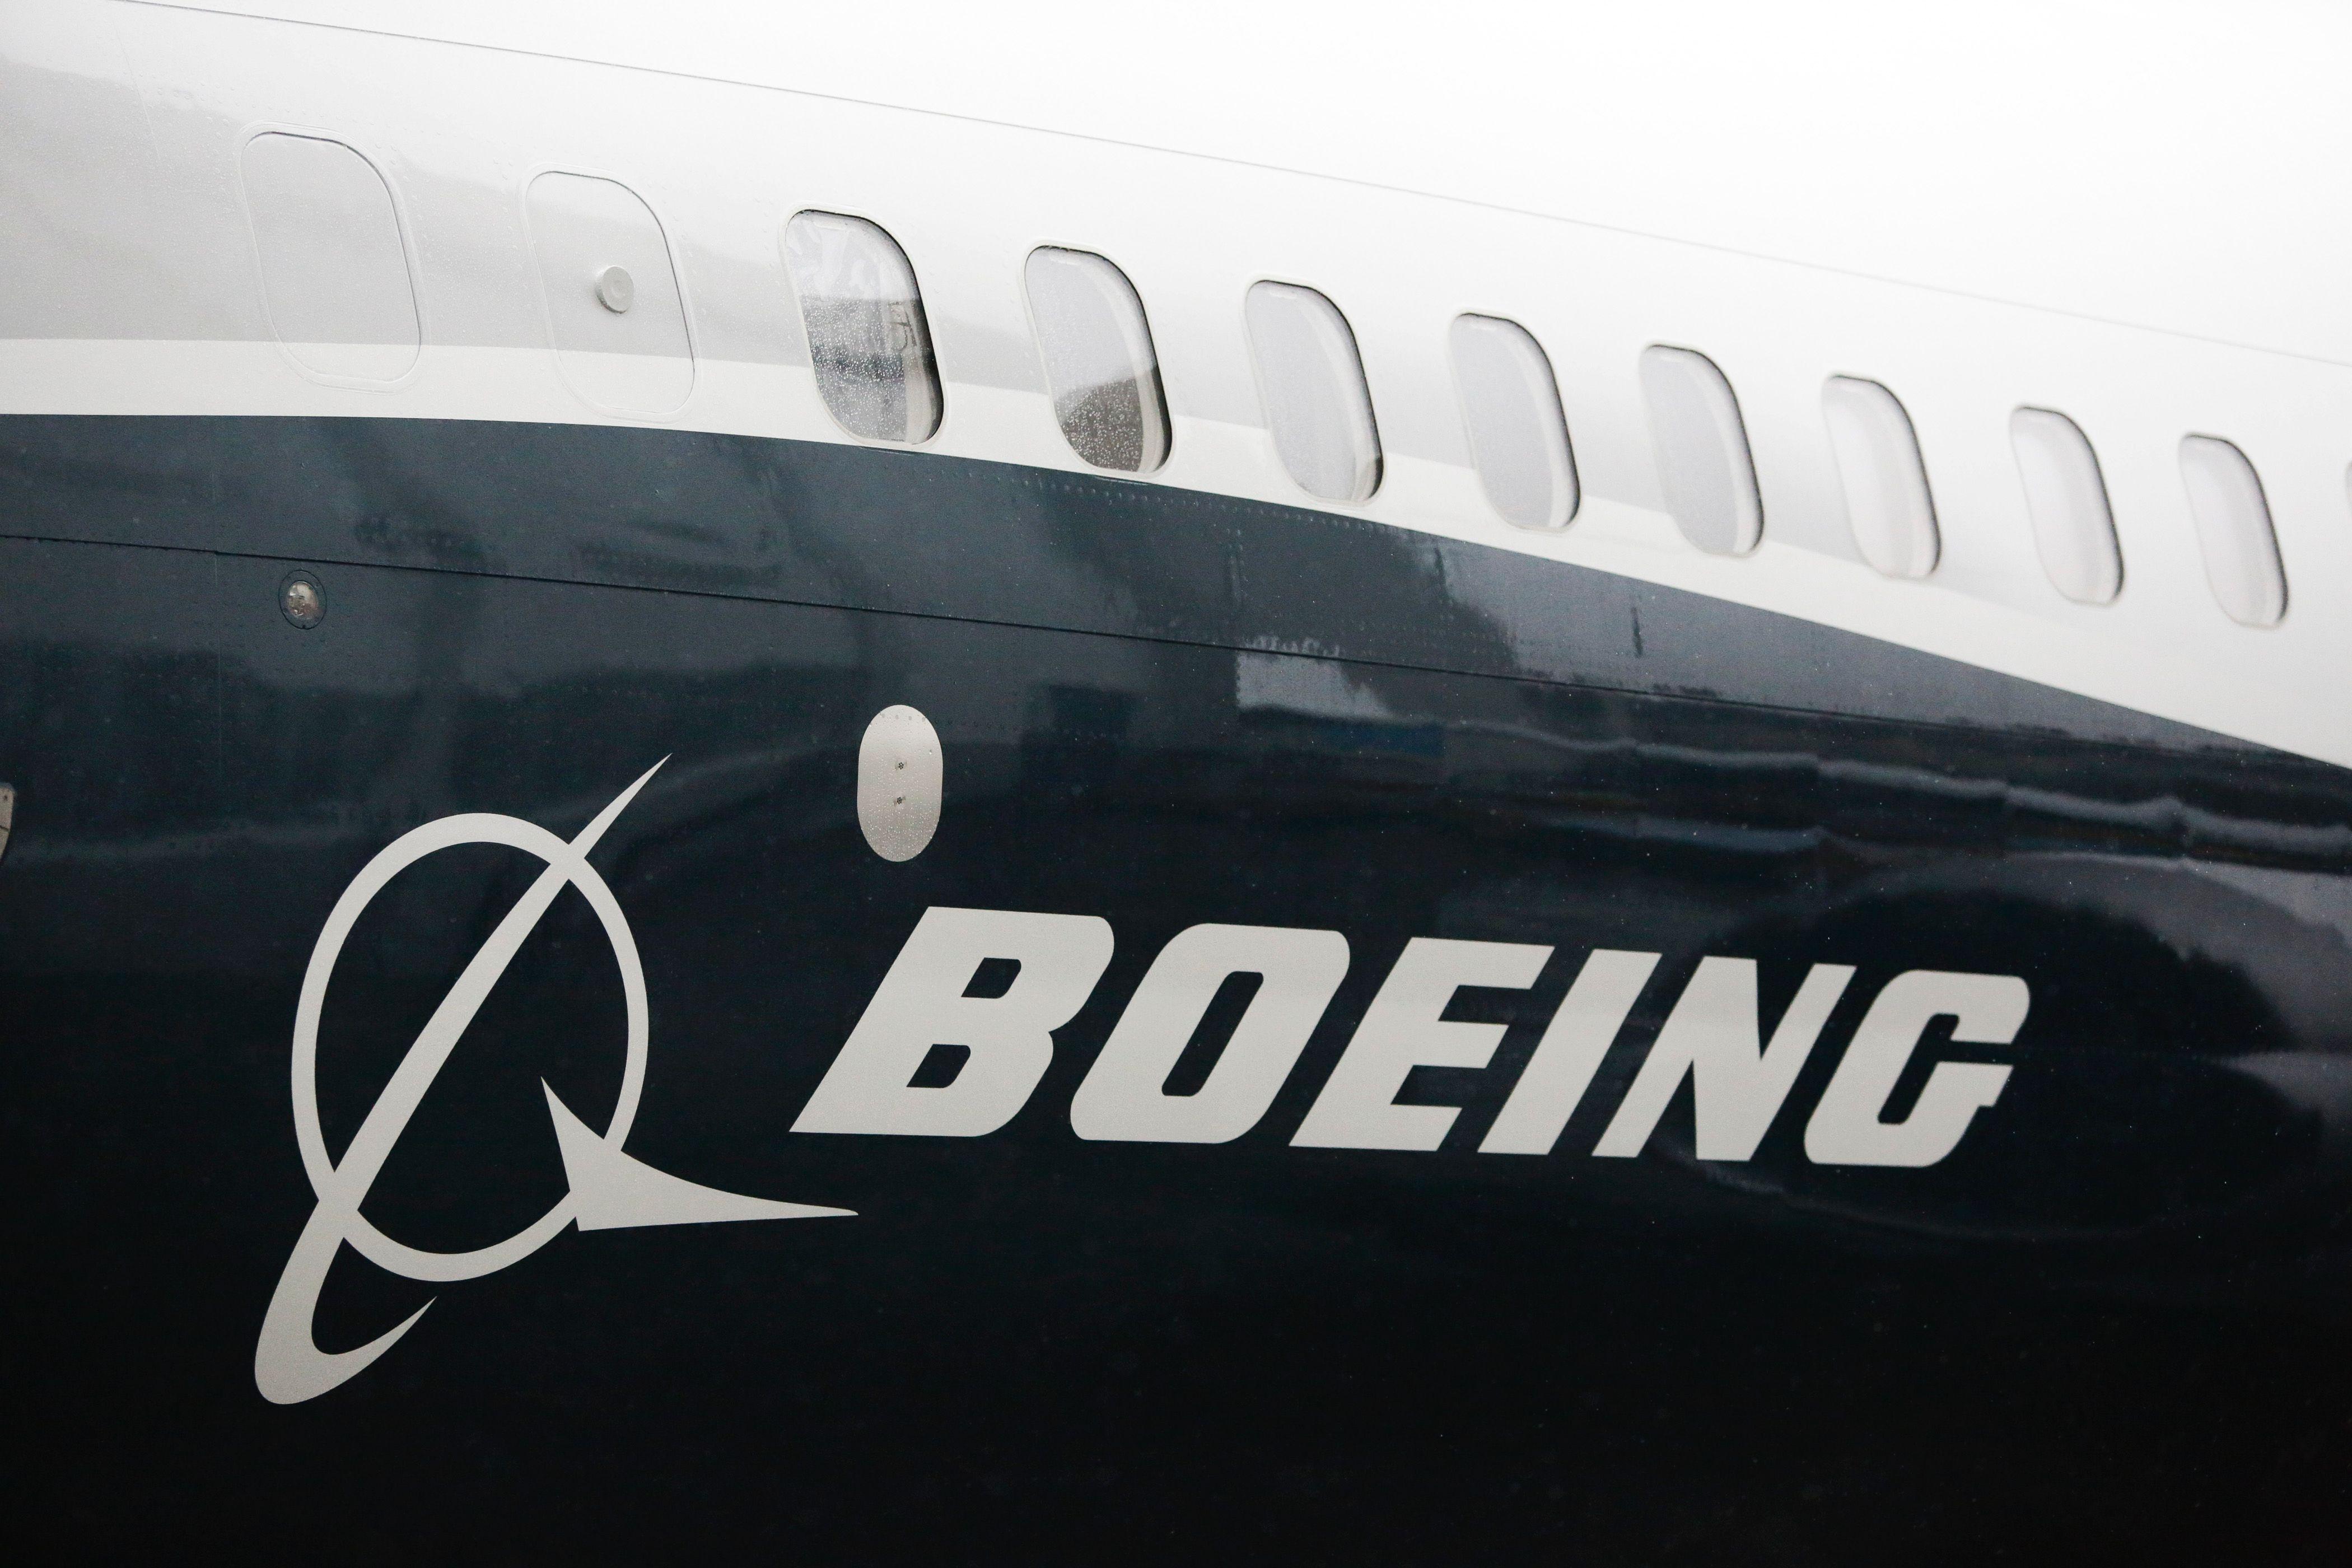 美國展開301調查,北京揚言抵制波音等美國企業。圖為波音客機。(美聯社)